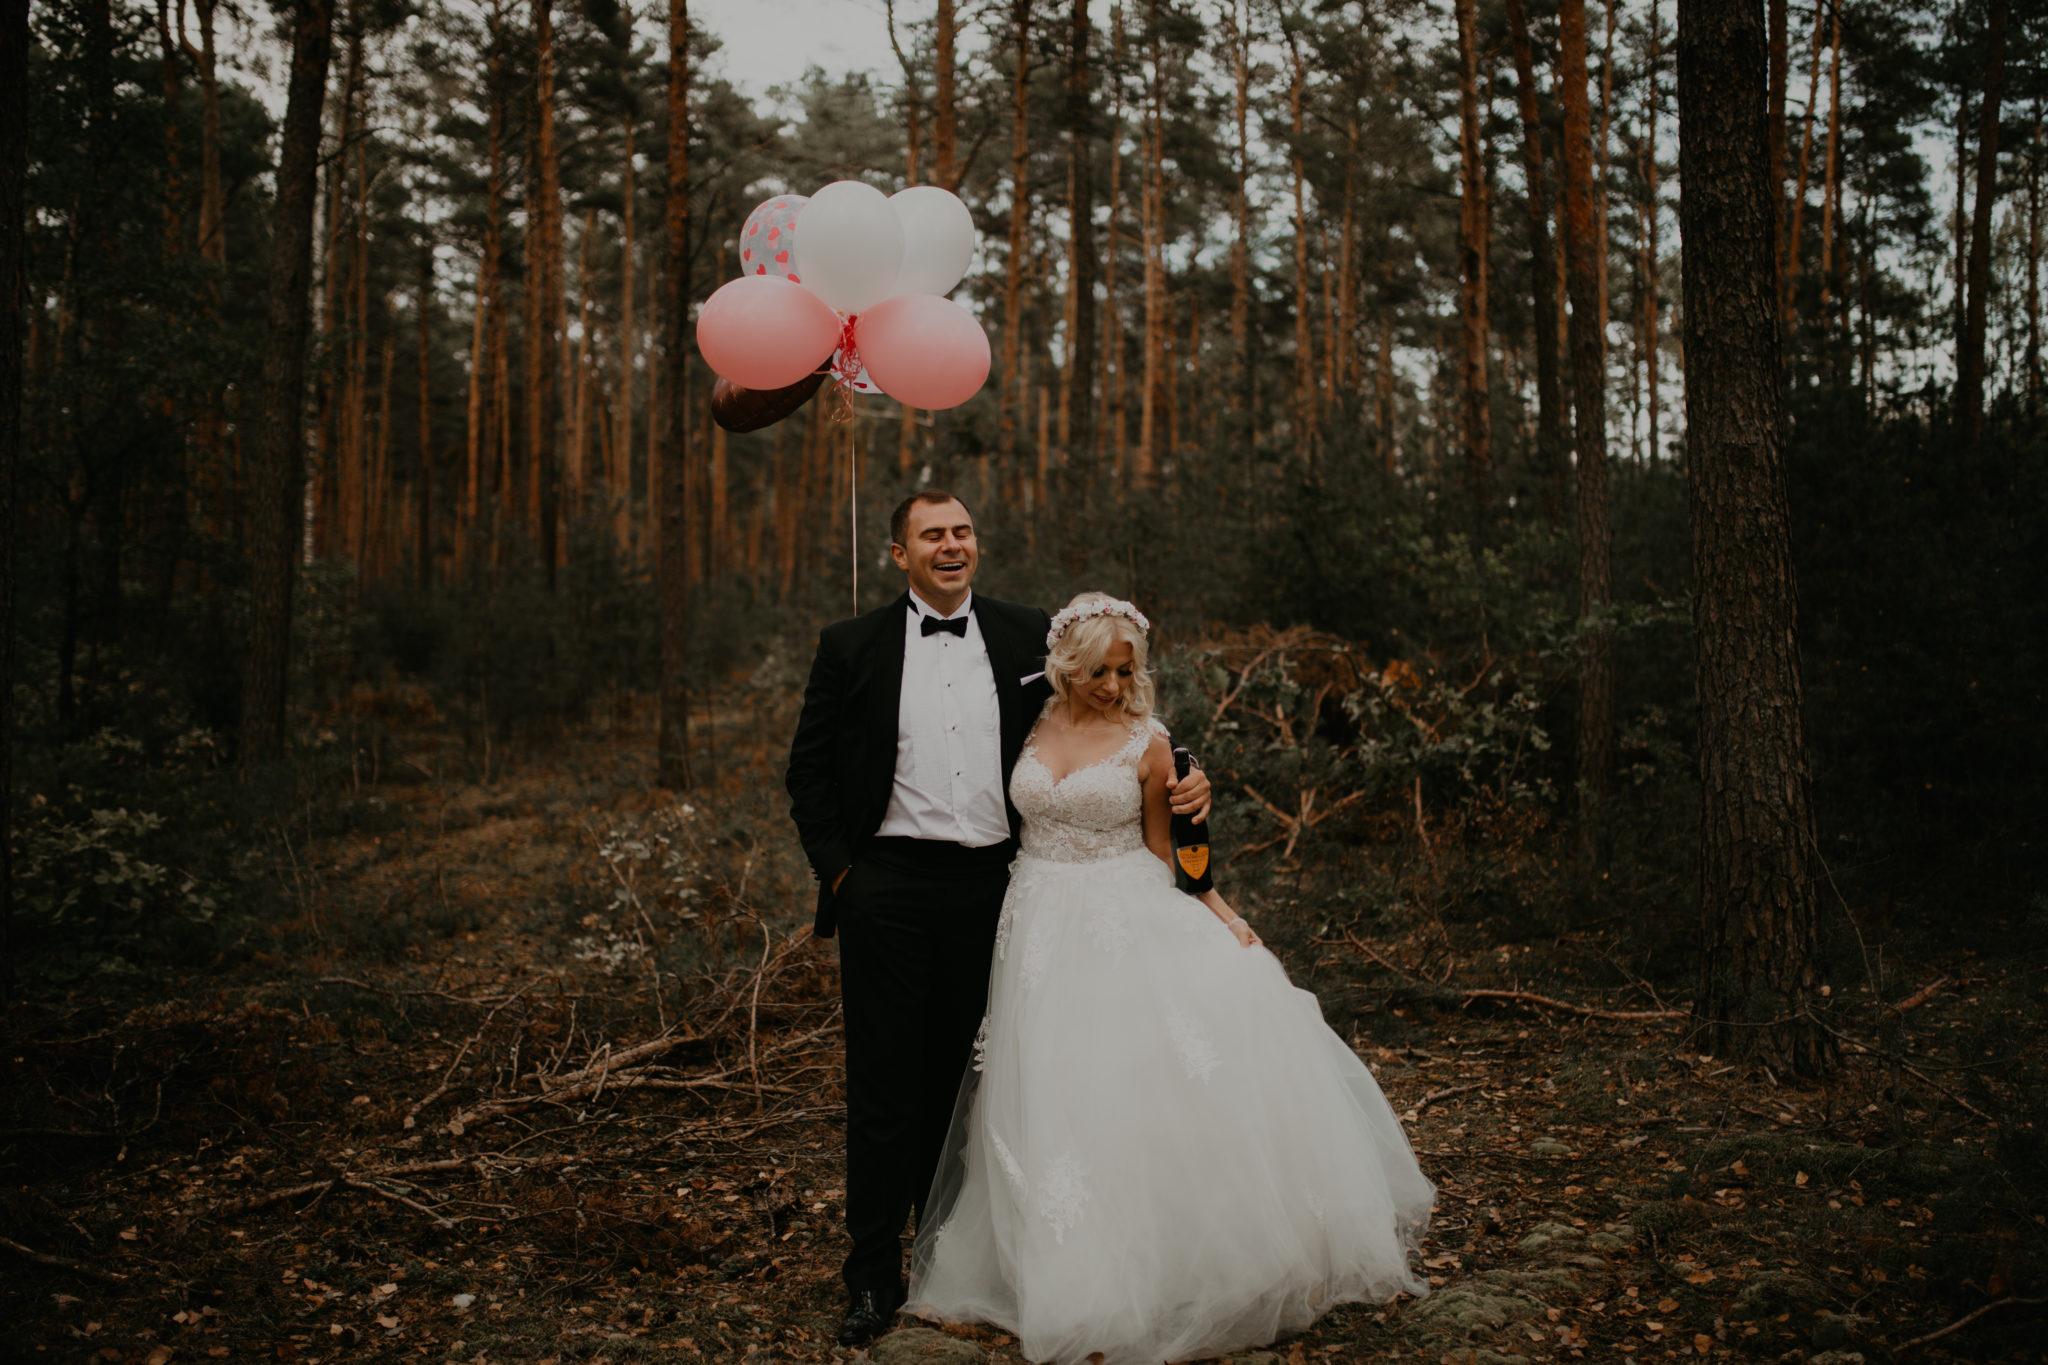 asia i mateuszplener 19 - fotografiaam Fotografia ślubna RK wedding